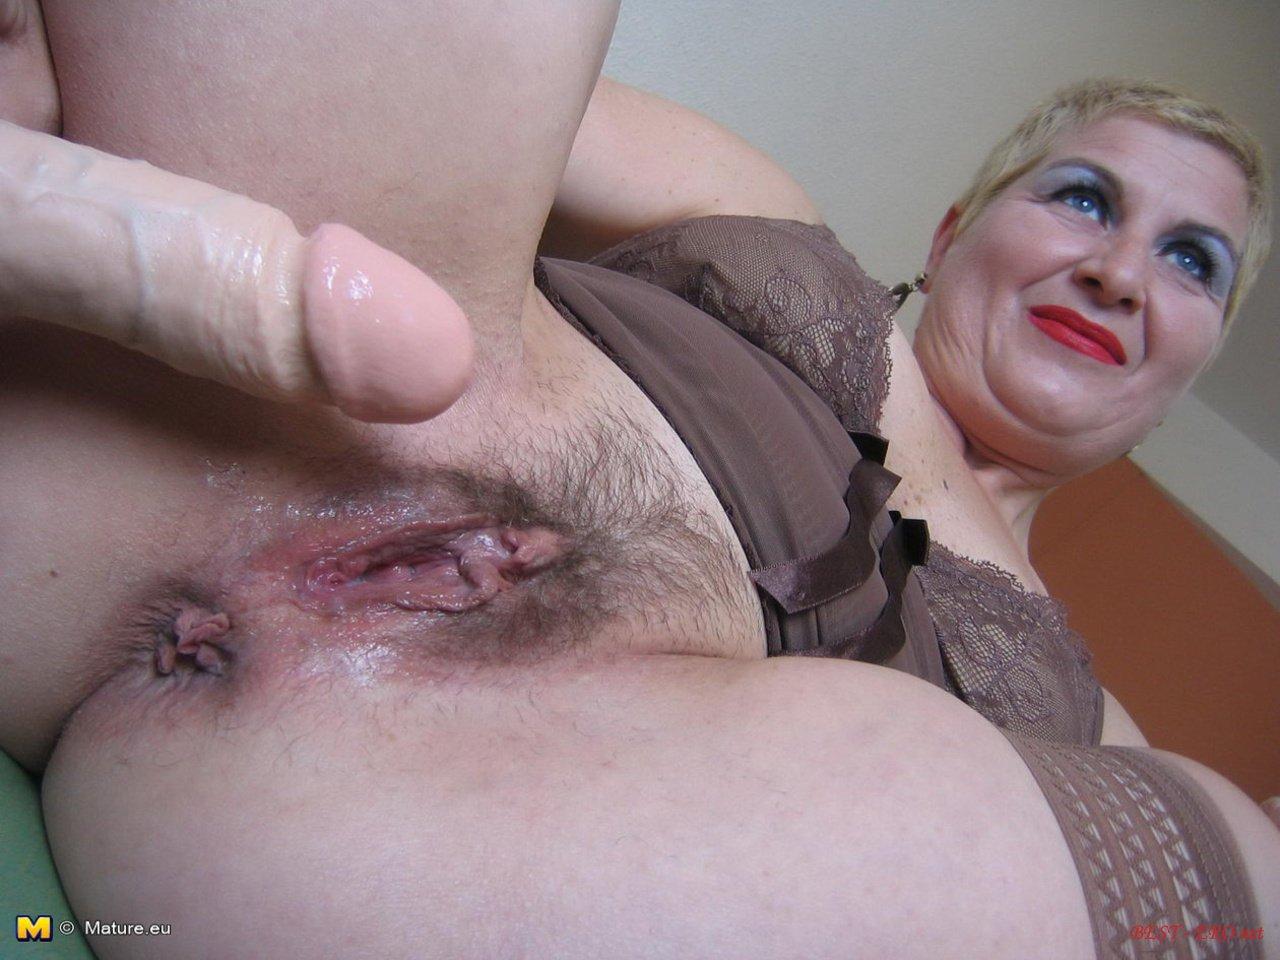 Толстая мадам мастурбирует 26 фотография